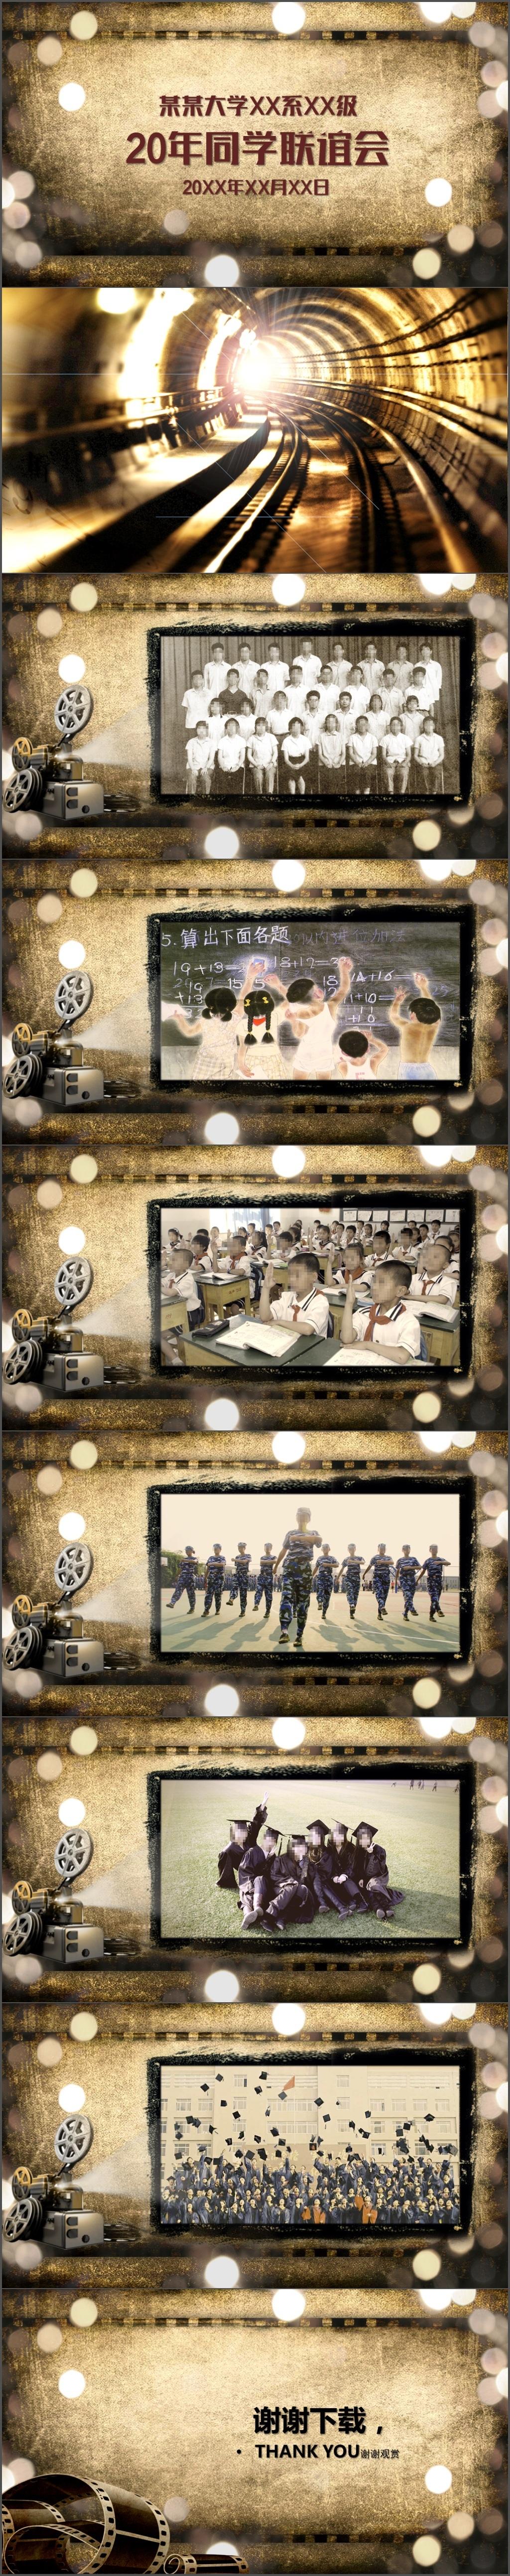 复古怀旧20年同学联谊会同学聚会开场视频PPT模板 (12)